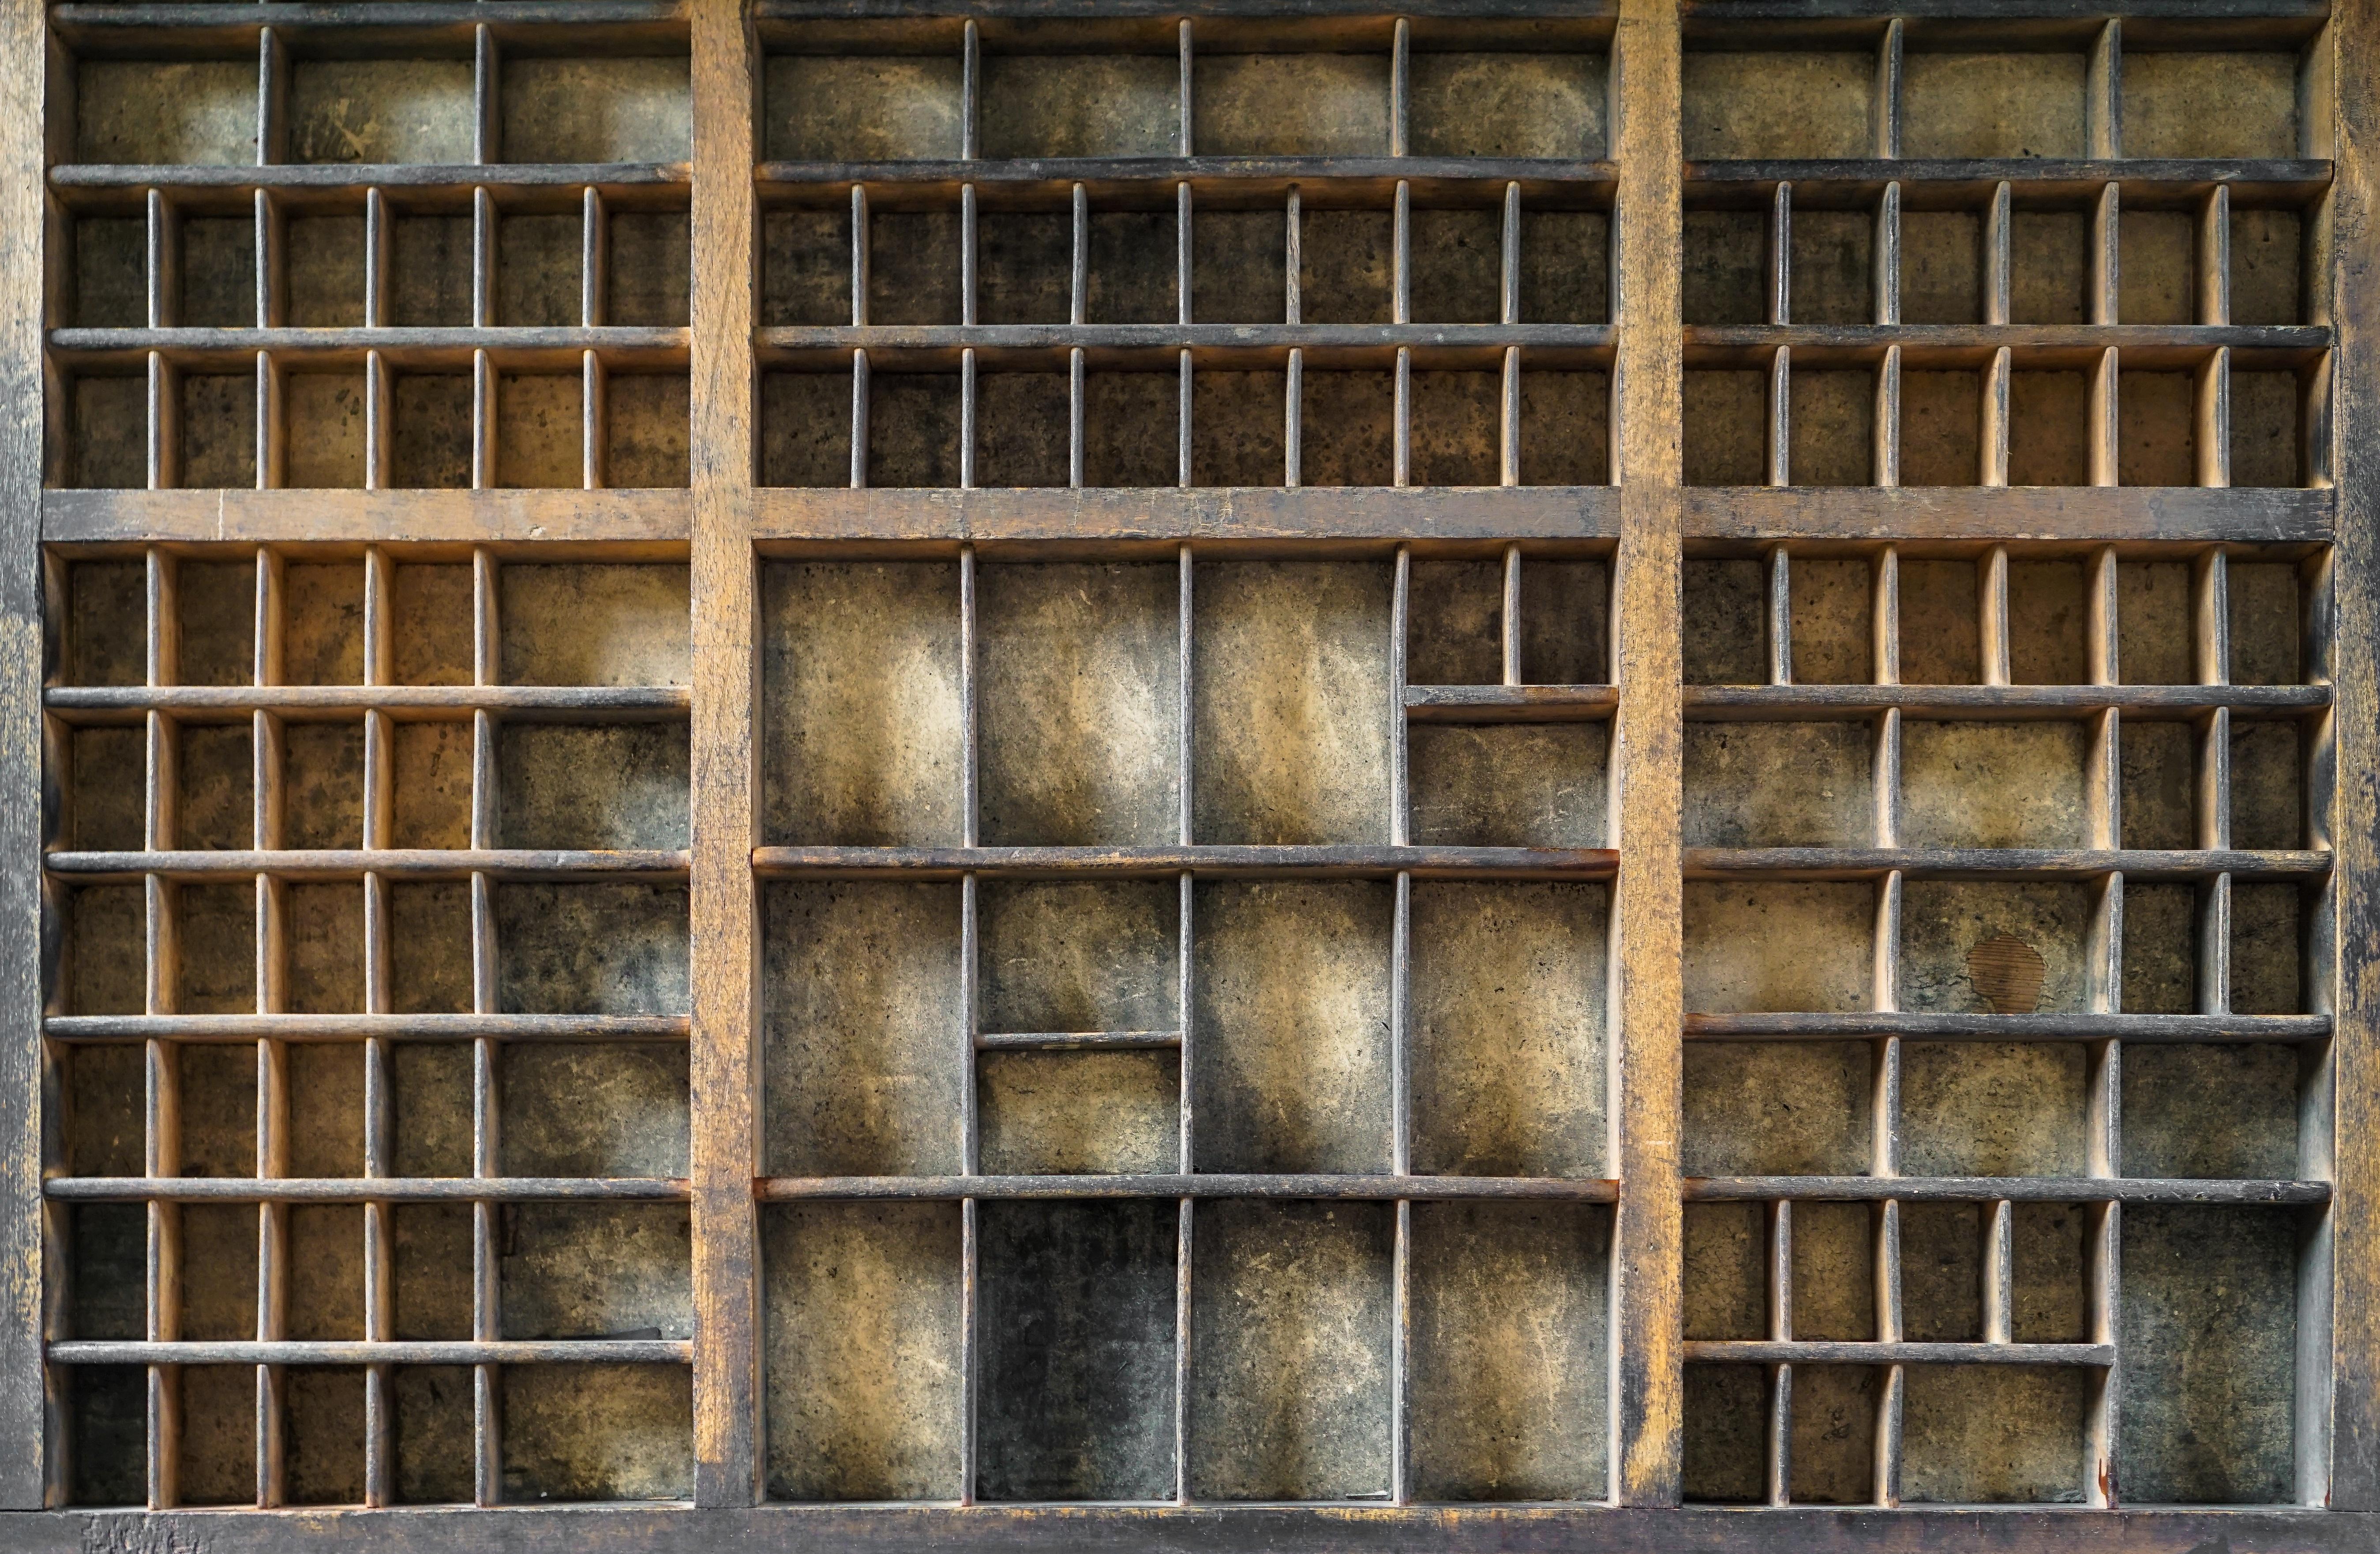 Innenarchitektur Fächer kostenlose foto holz fenster mauer waschen fassade ziegel